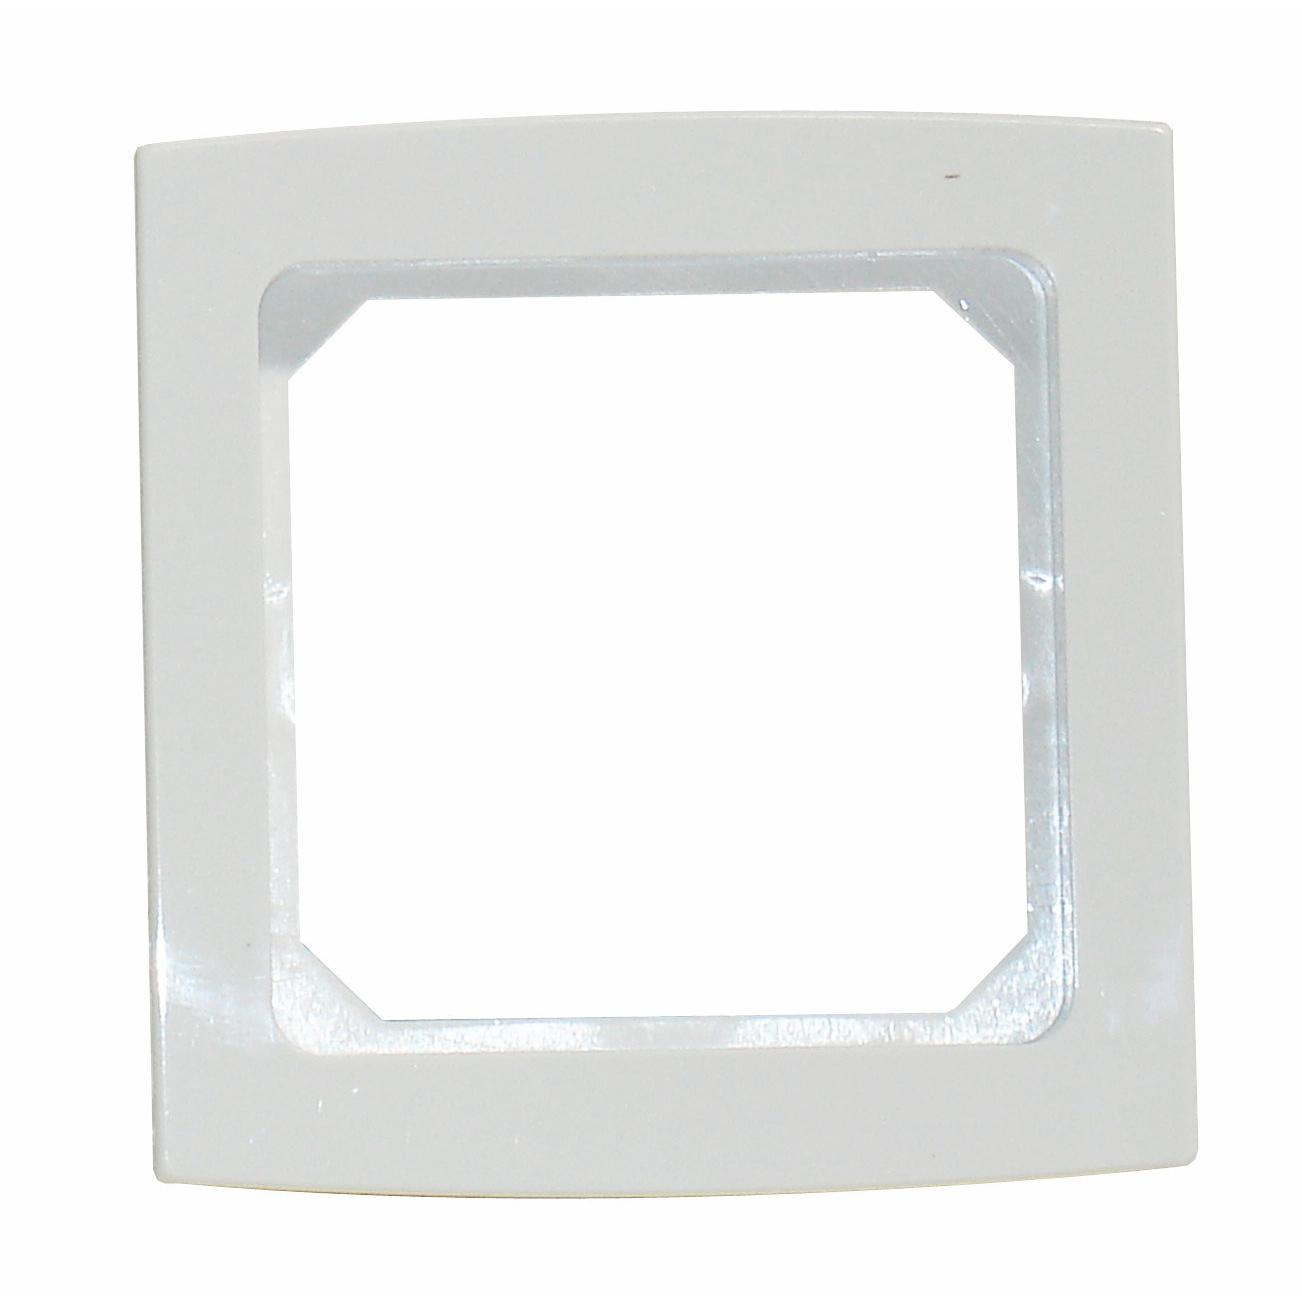 1 Stk Rahmen 1-fach, reinweiß Riva EL204124--